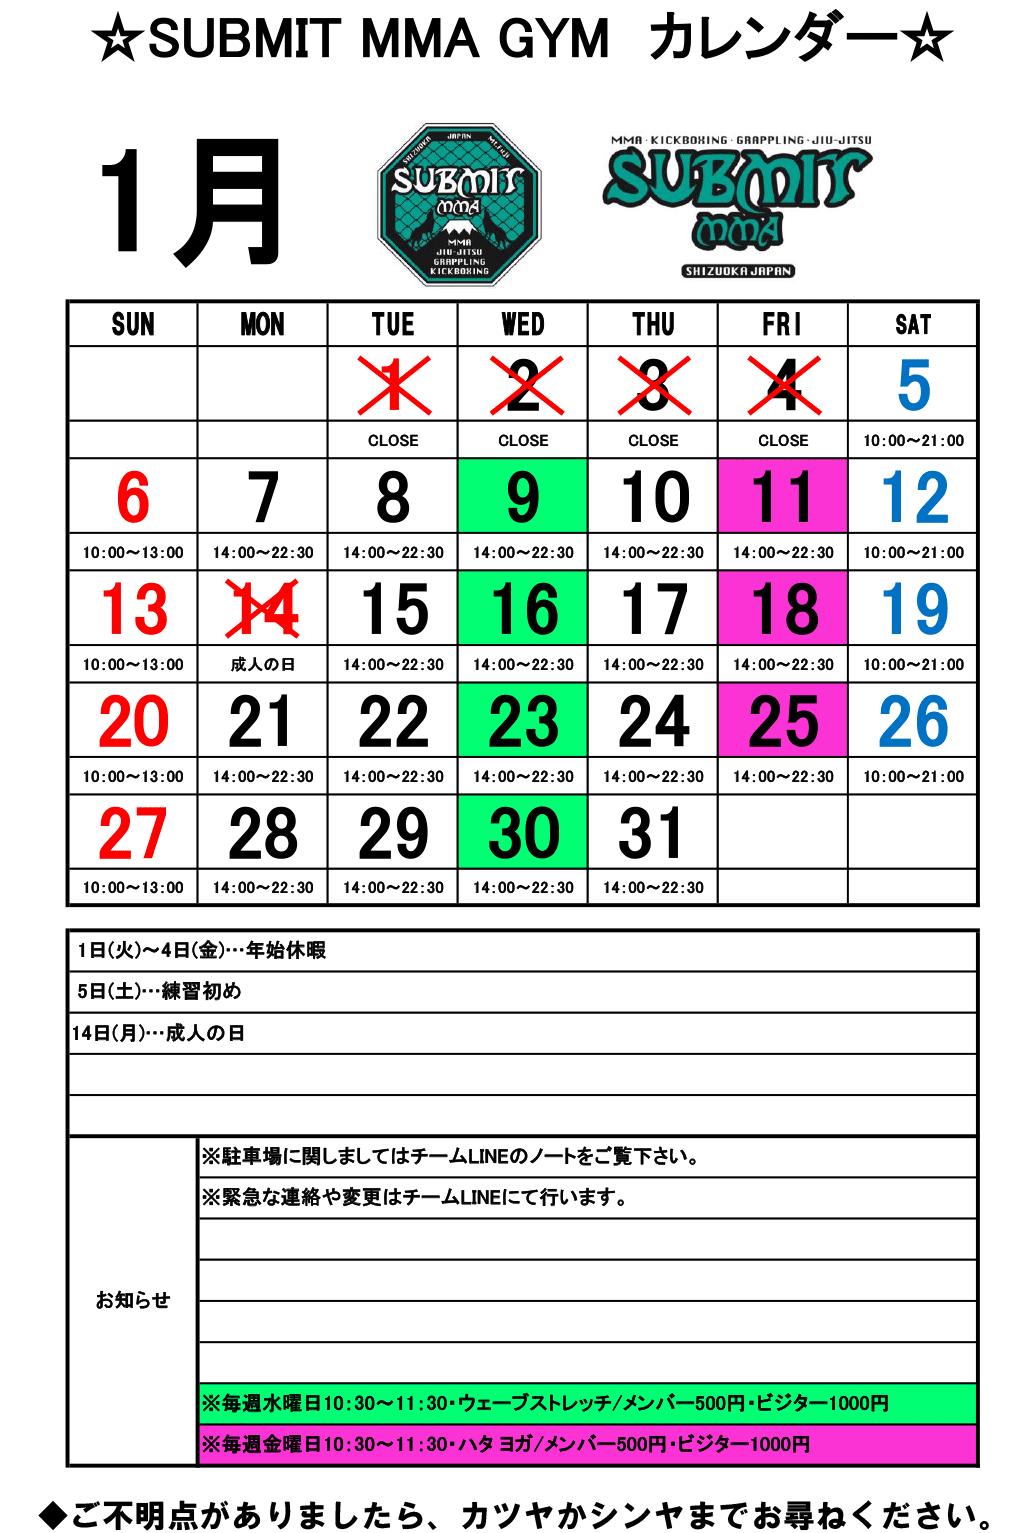 12月の休館日